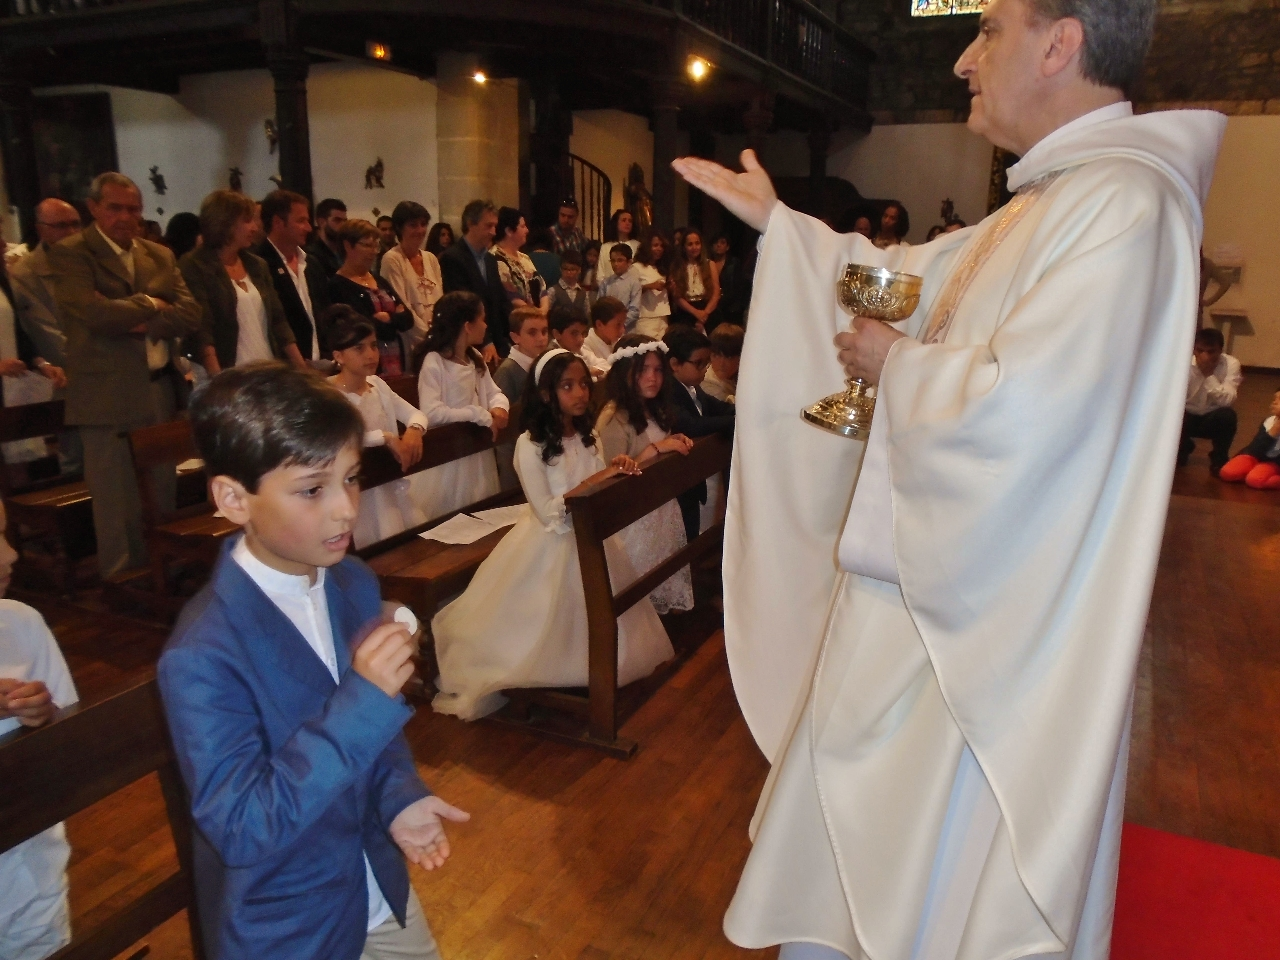 Le même recueillement jusqu'au dernier enfant et le prêtre invite l'assemblée à leur suite.